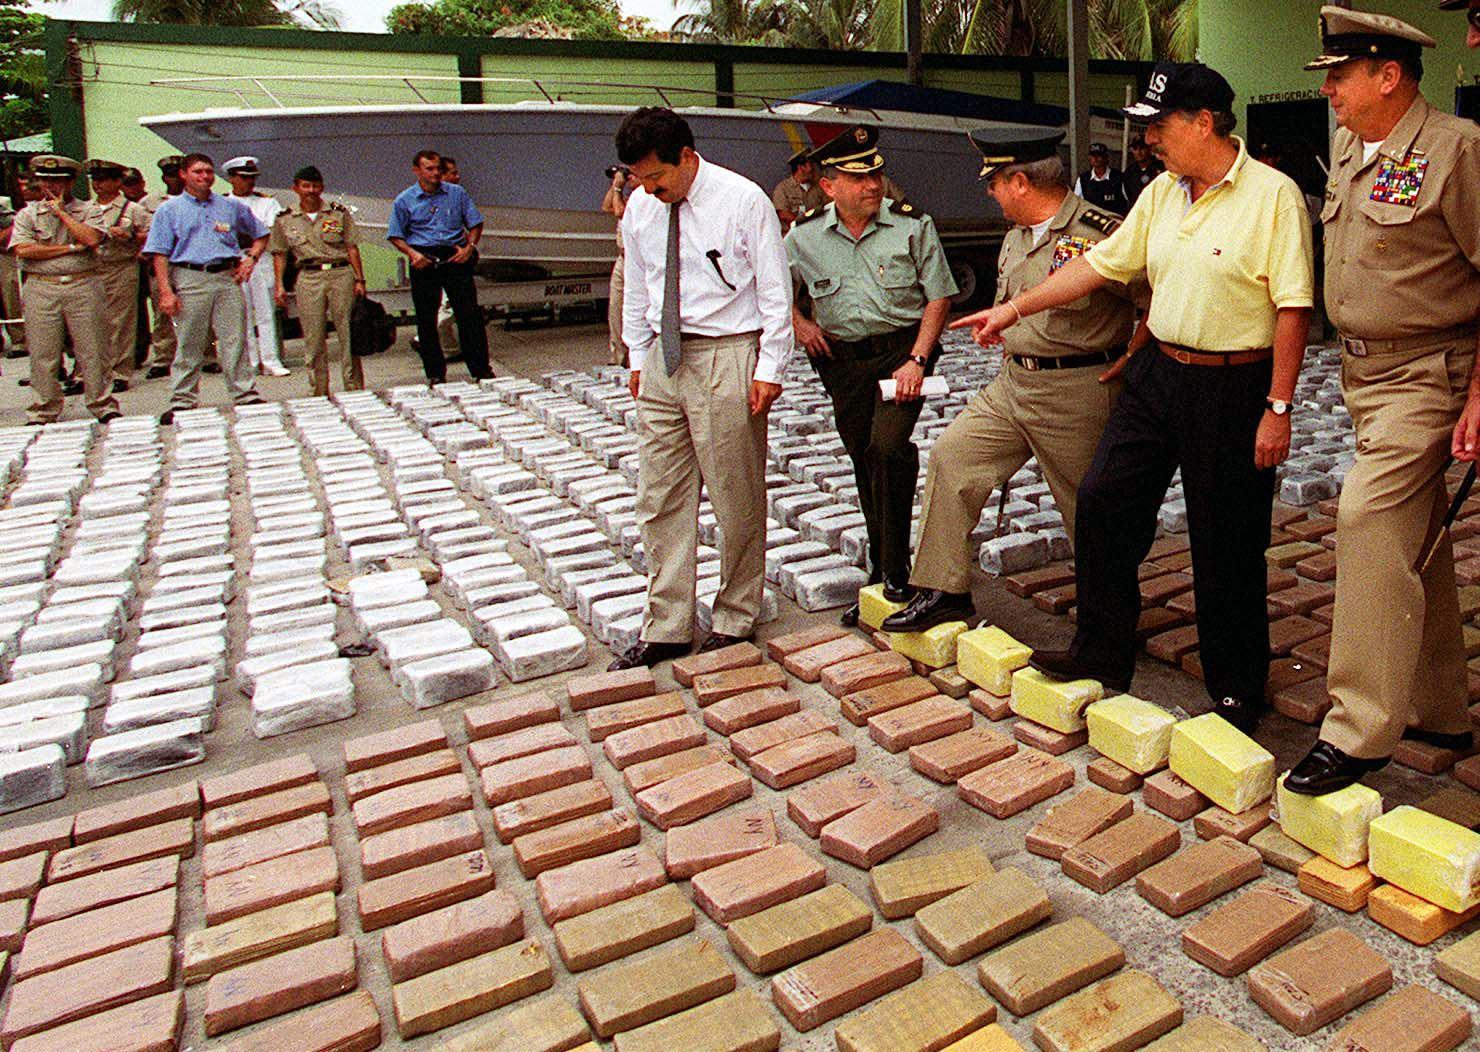 11 tonna kokaint foglaltak le Kolumbiában a délolasz maffiától